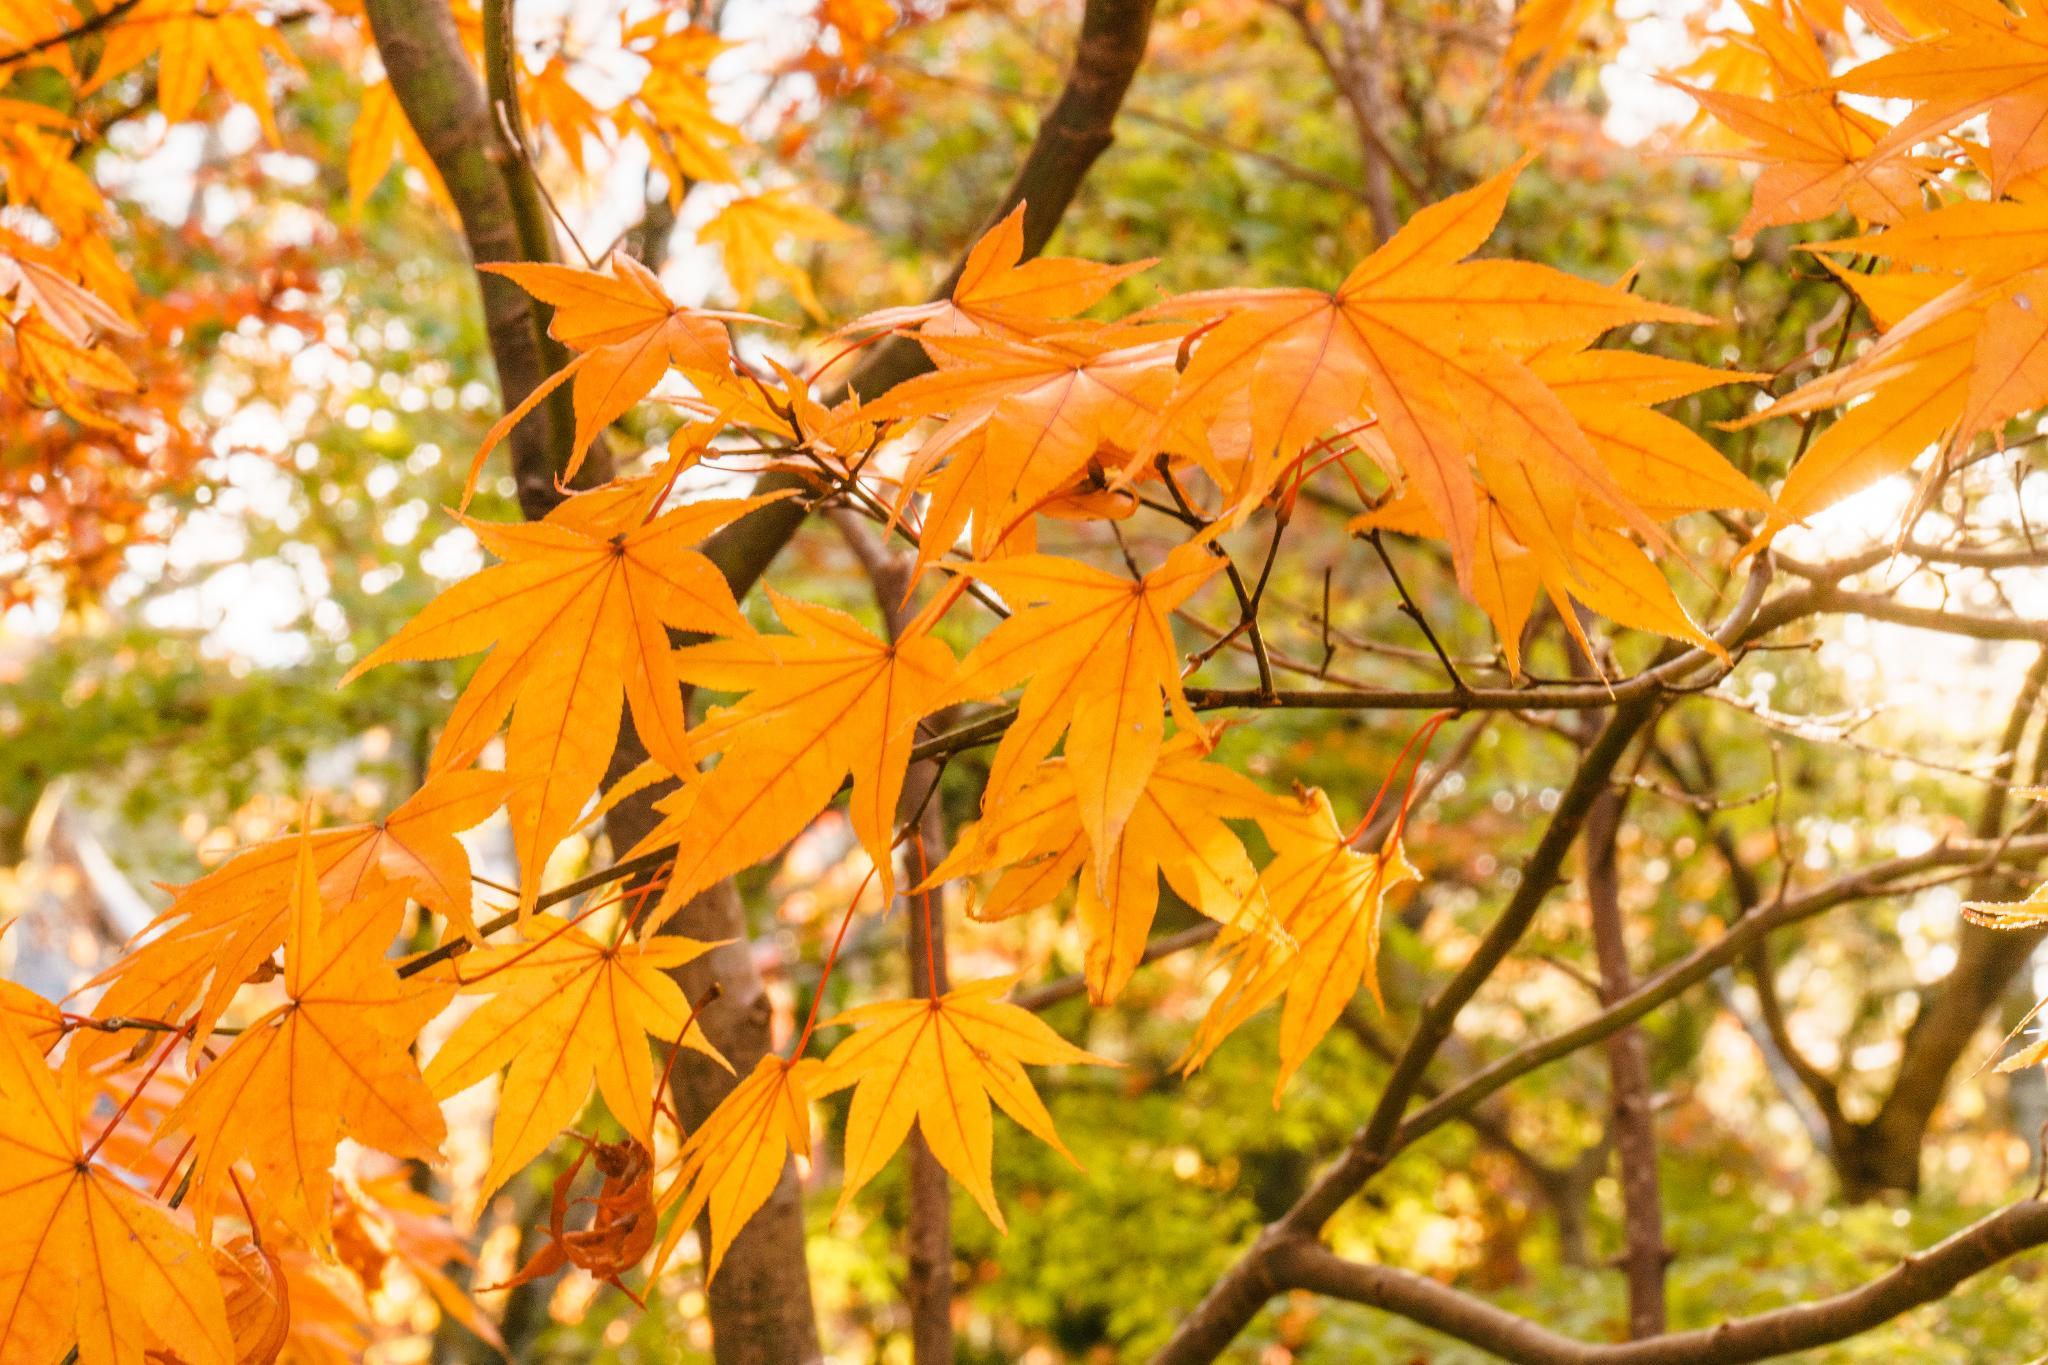 【京都】秋光葉影的古寺散策 - 南禪寺 89